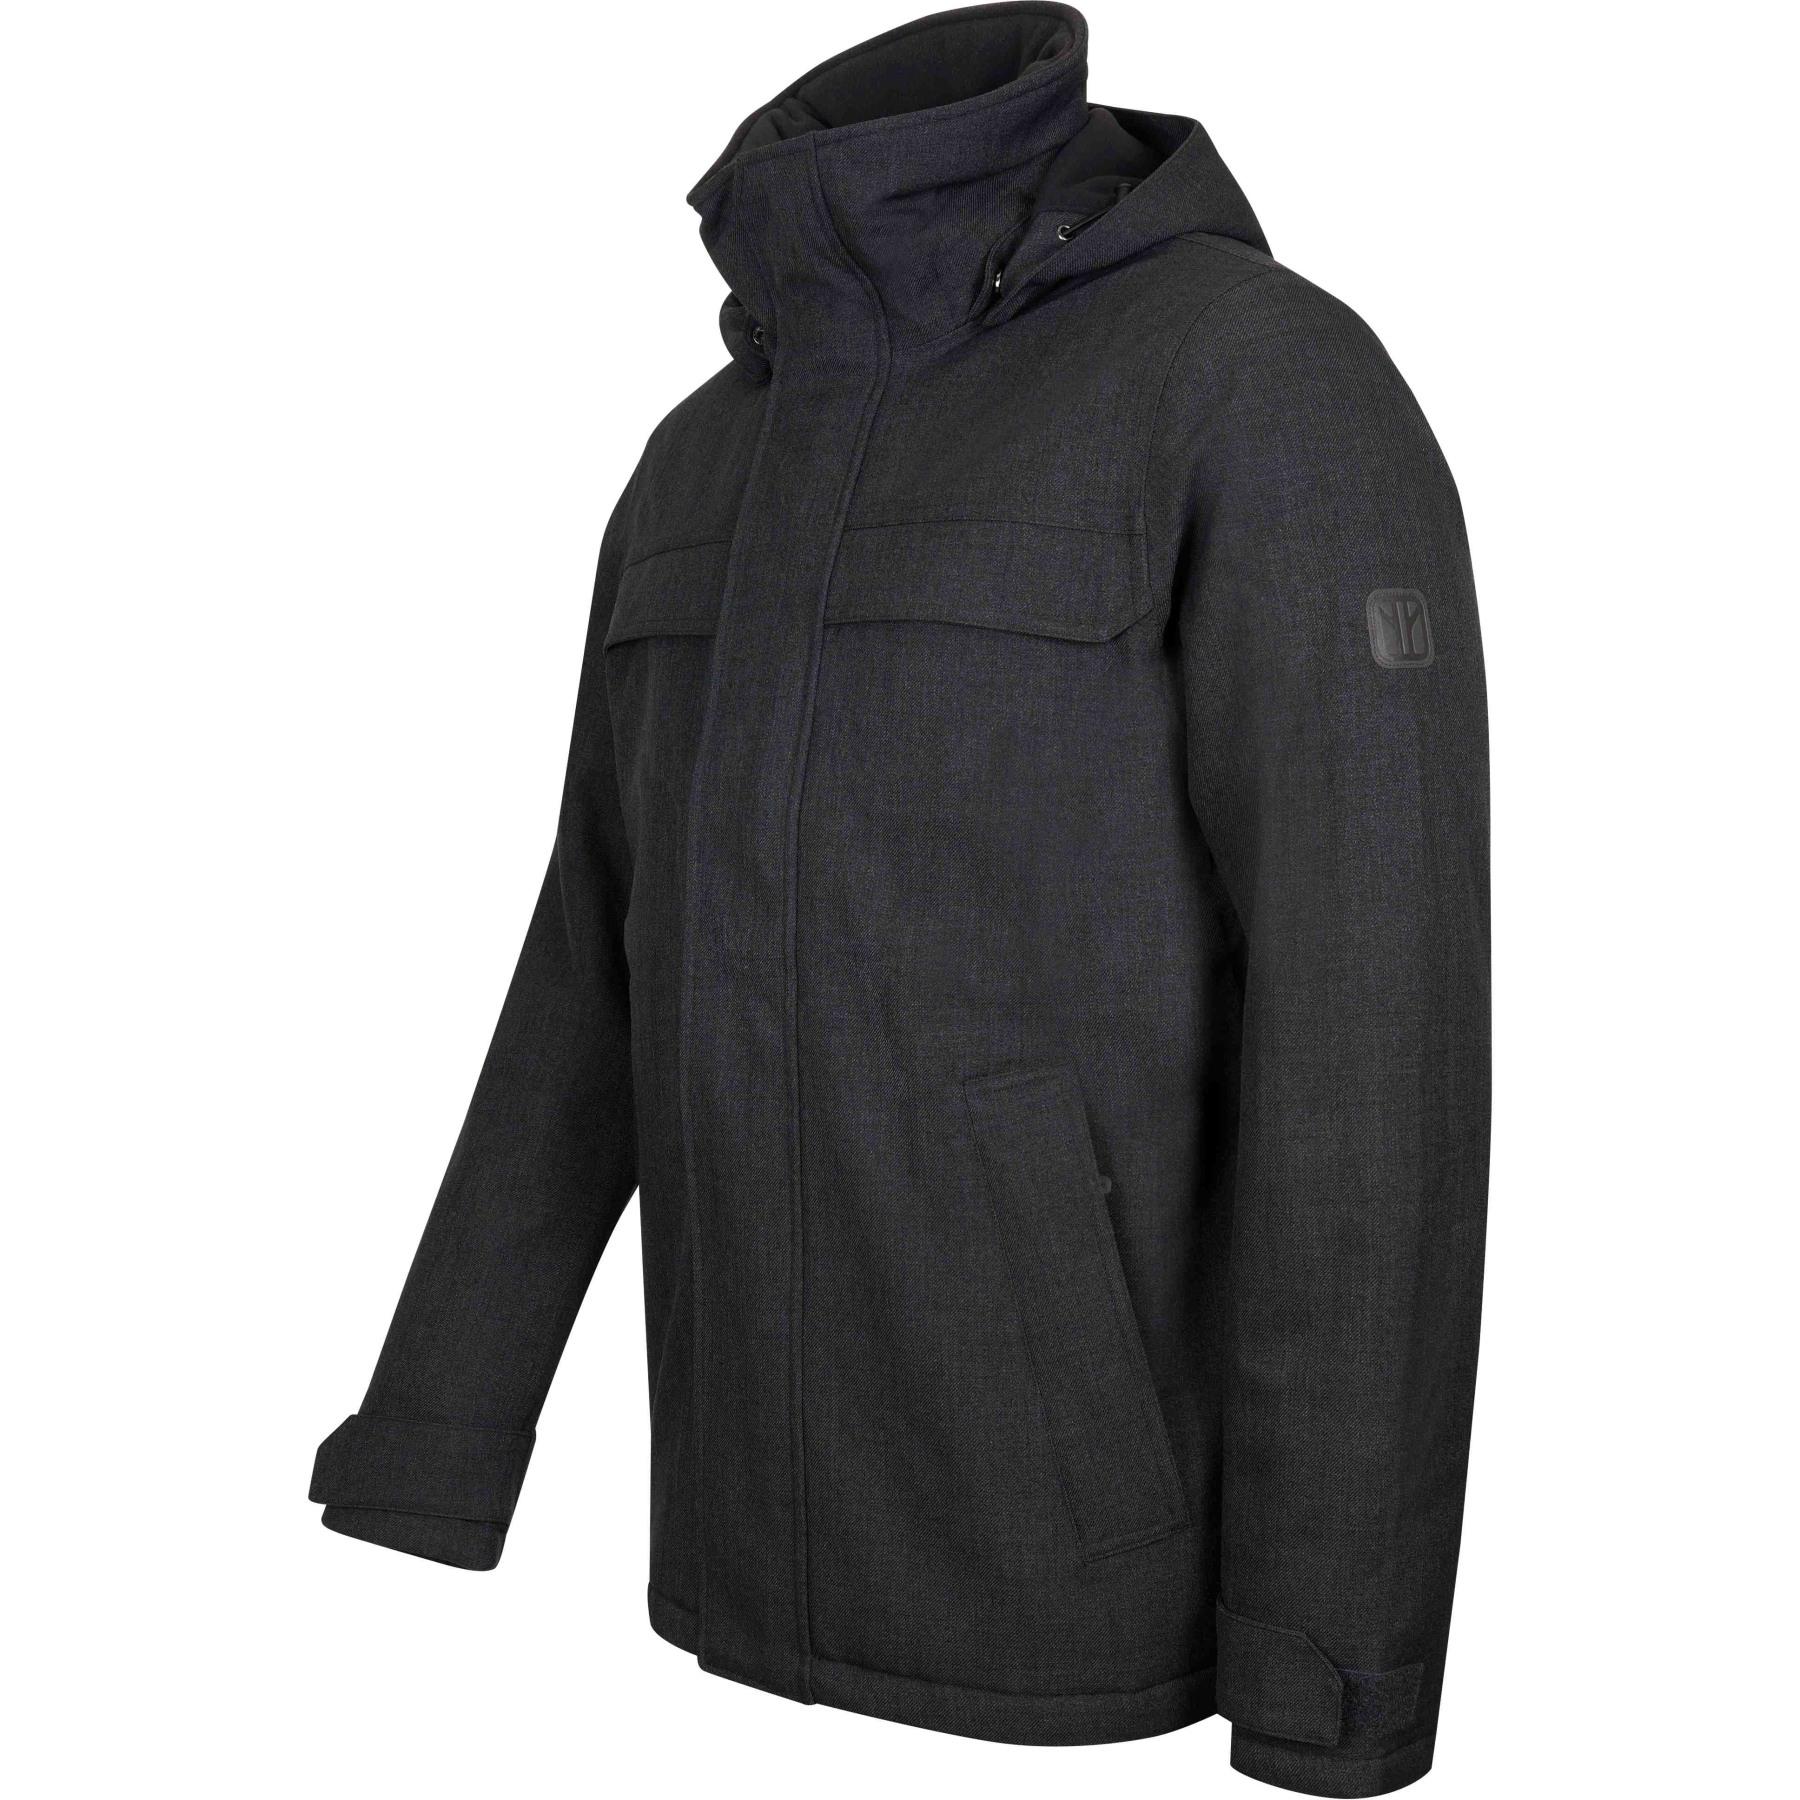 Image of Elkline UNDERCOVER Waterproof Outdoor Jacket - anthramelange